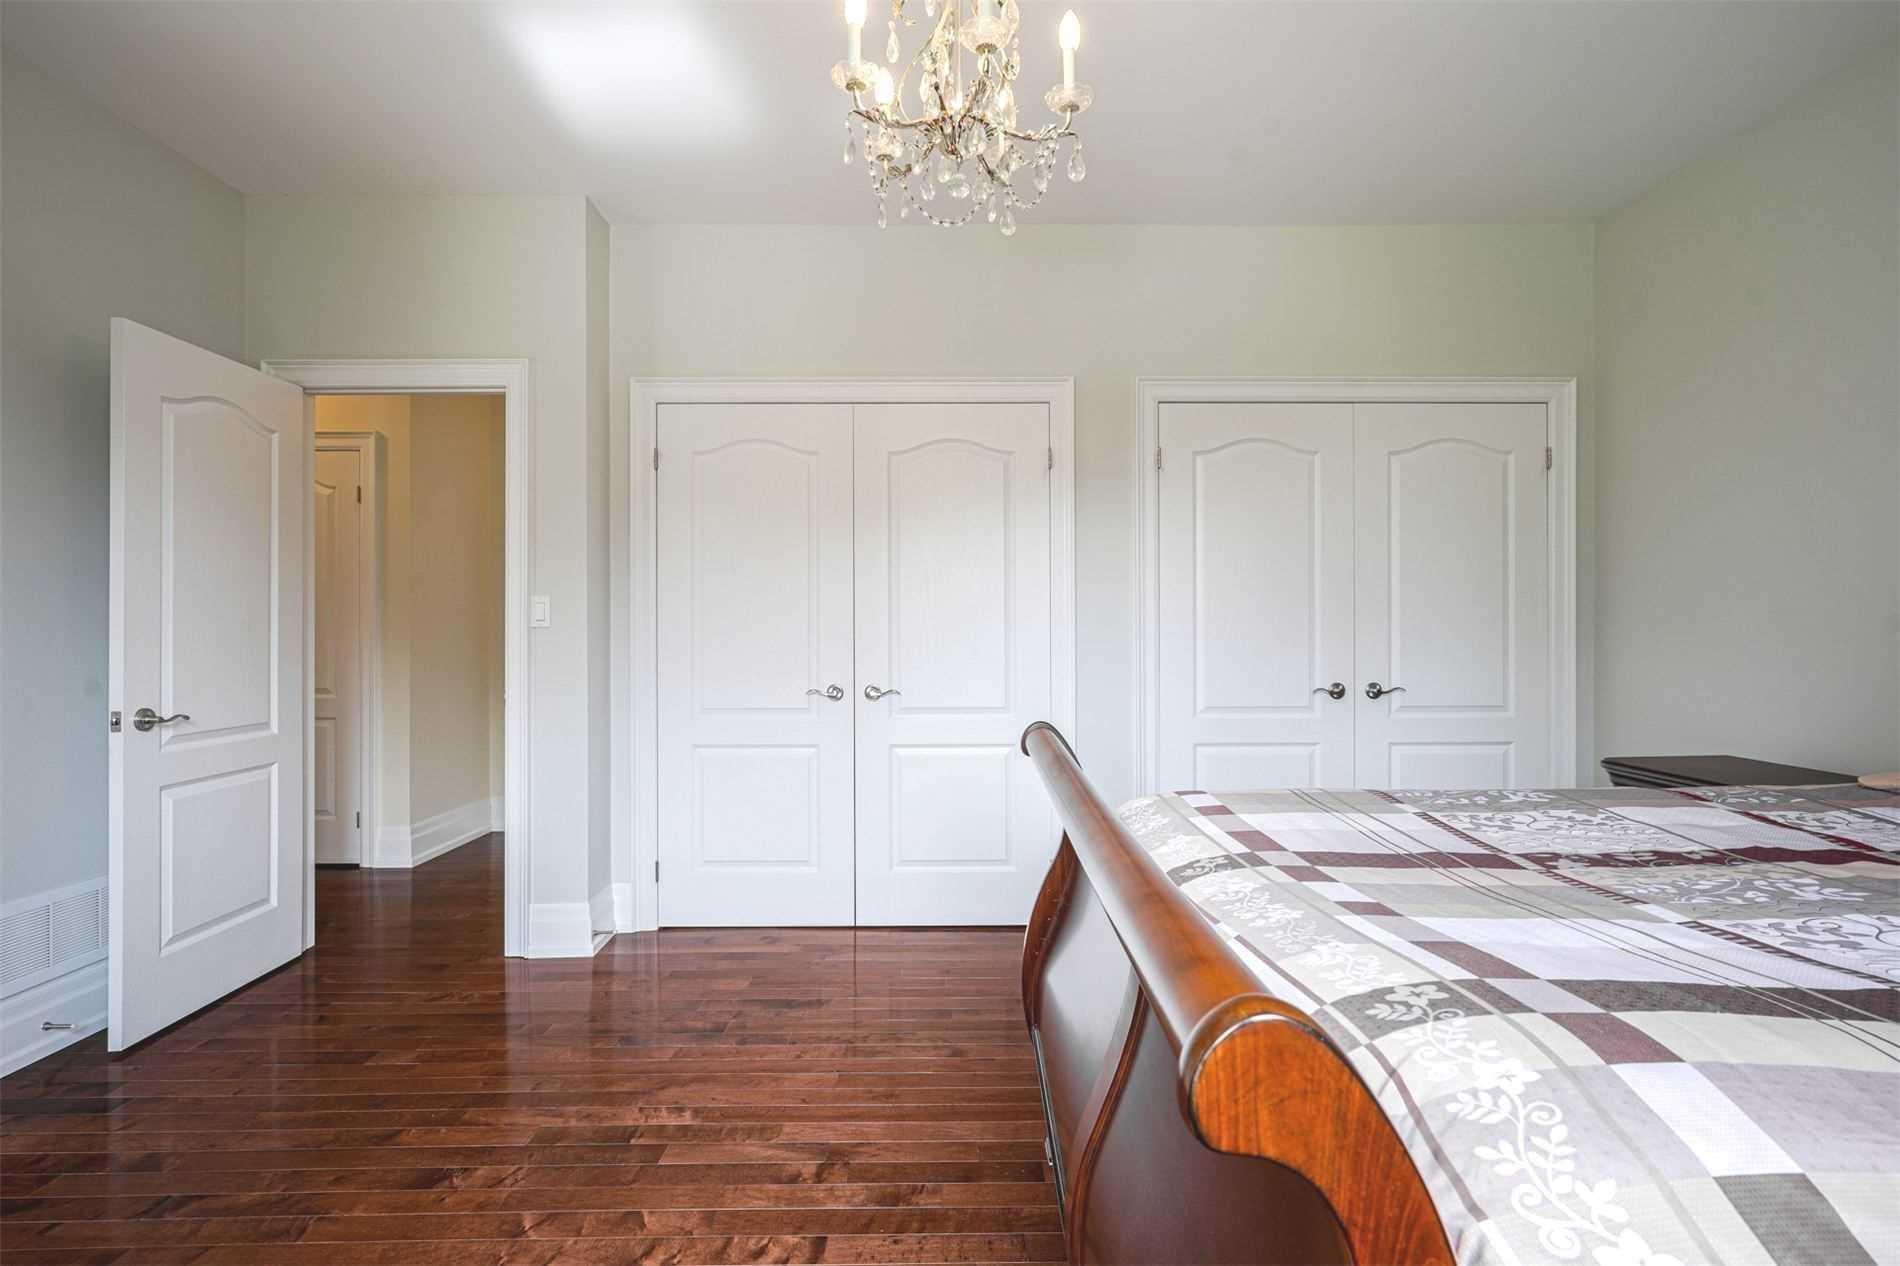 315 Highway 47 Rd - Rural Uxbridge Detached for sale, 3 Bedrooms (N5306115) - #16